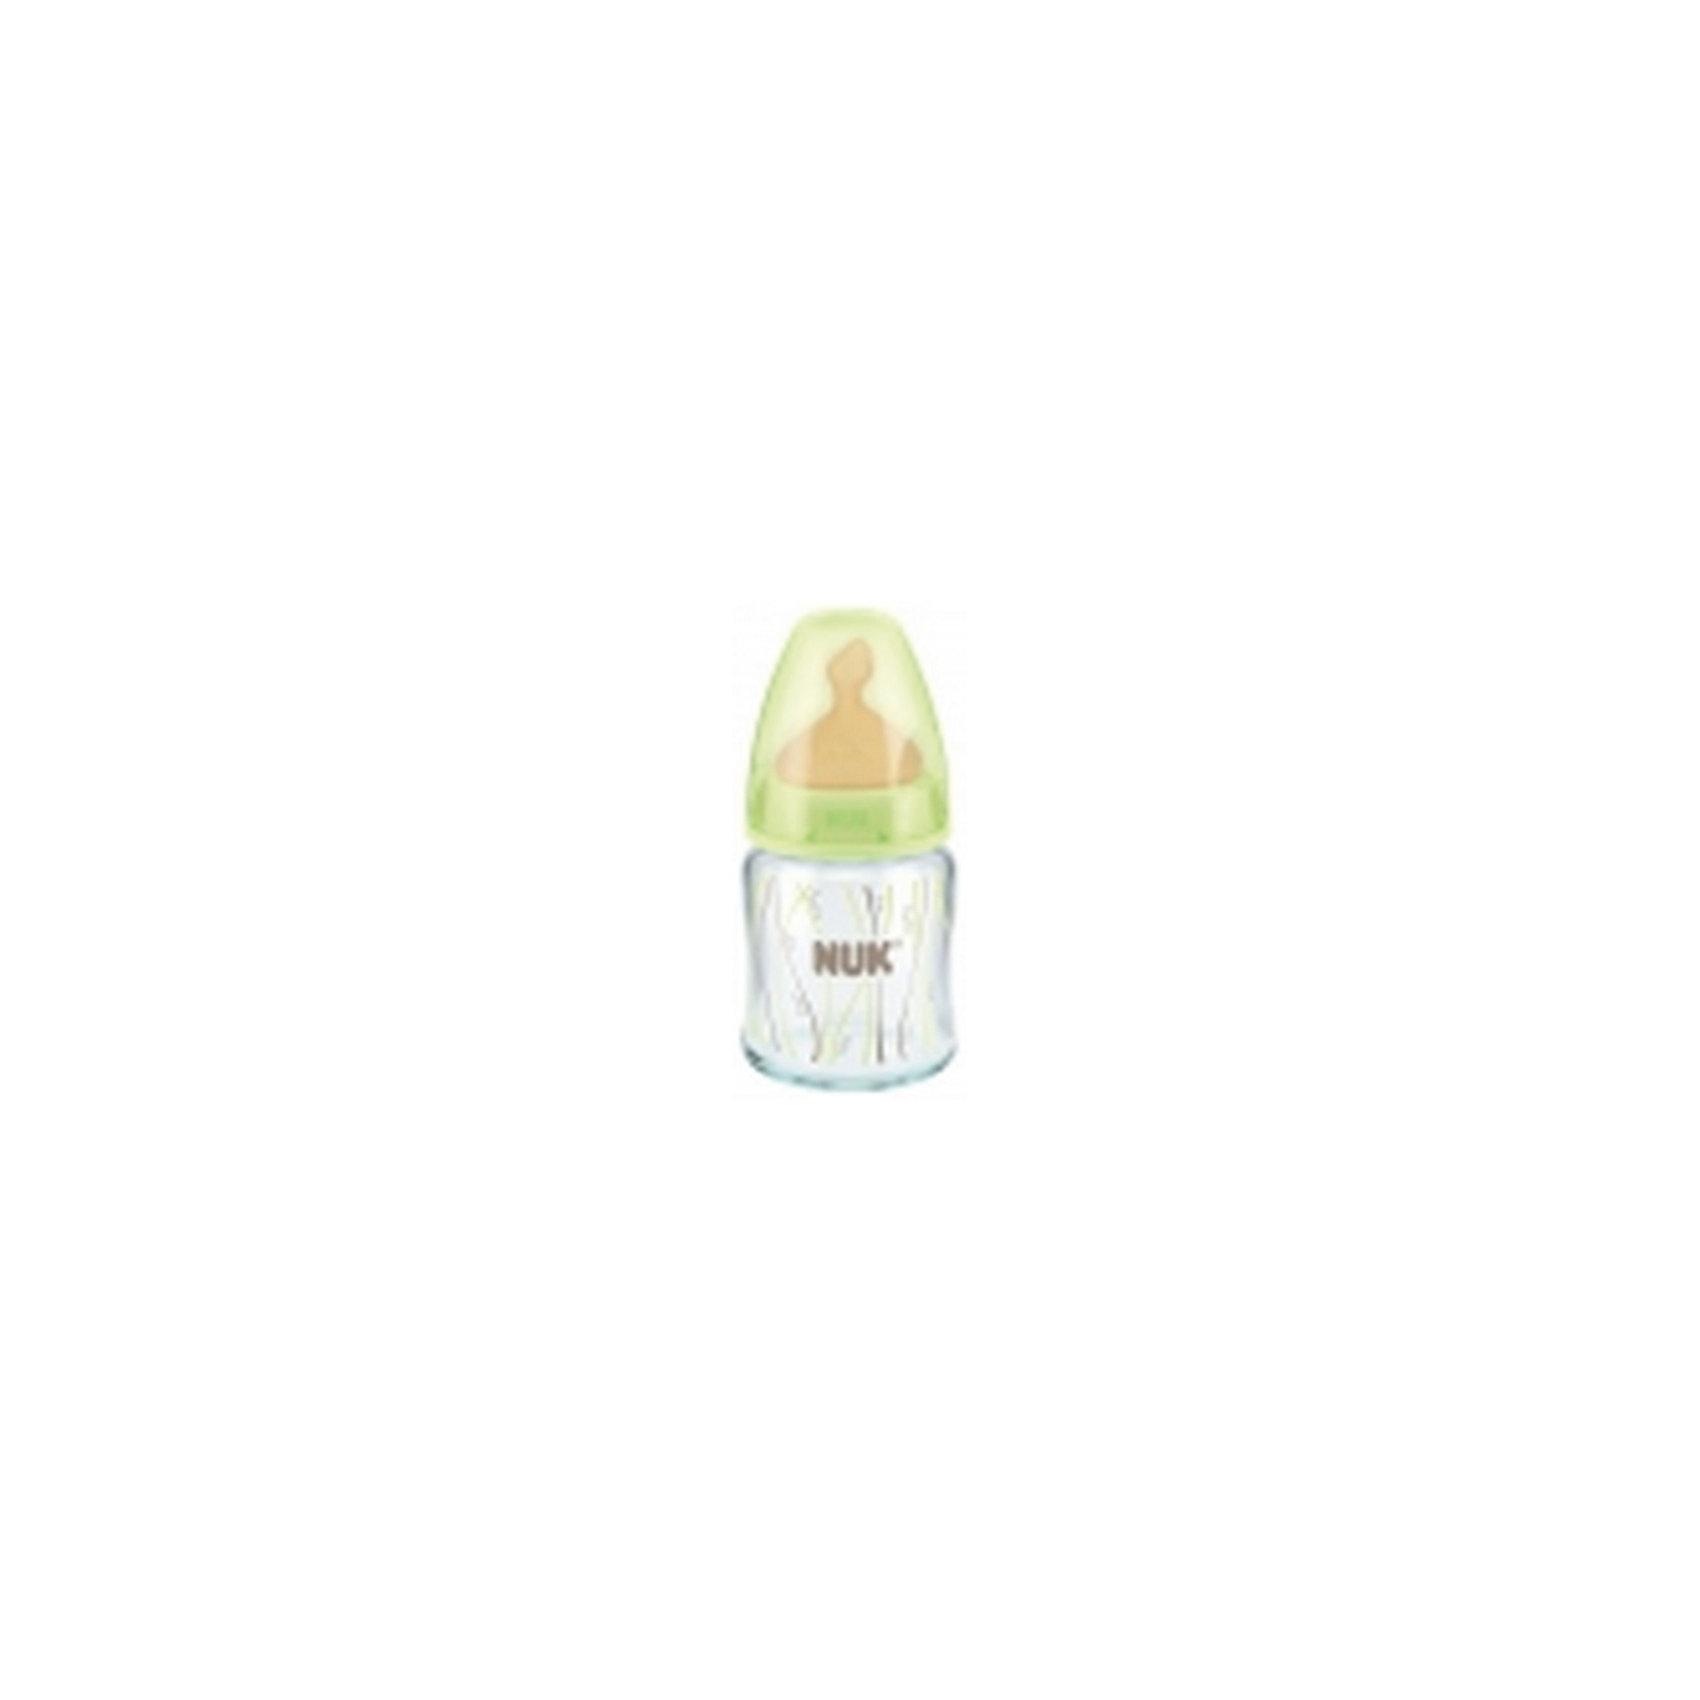 Бутылочка стеклянная (120 мл) разноцв. с латексной соской, First Choice, NUK